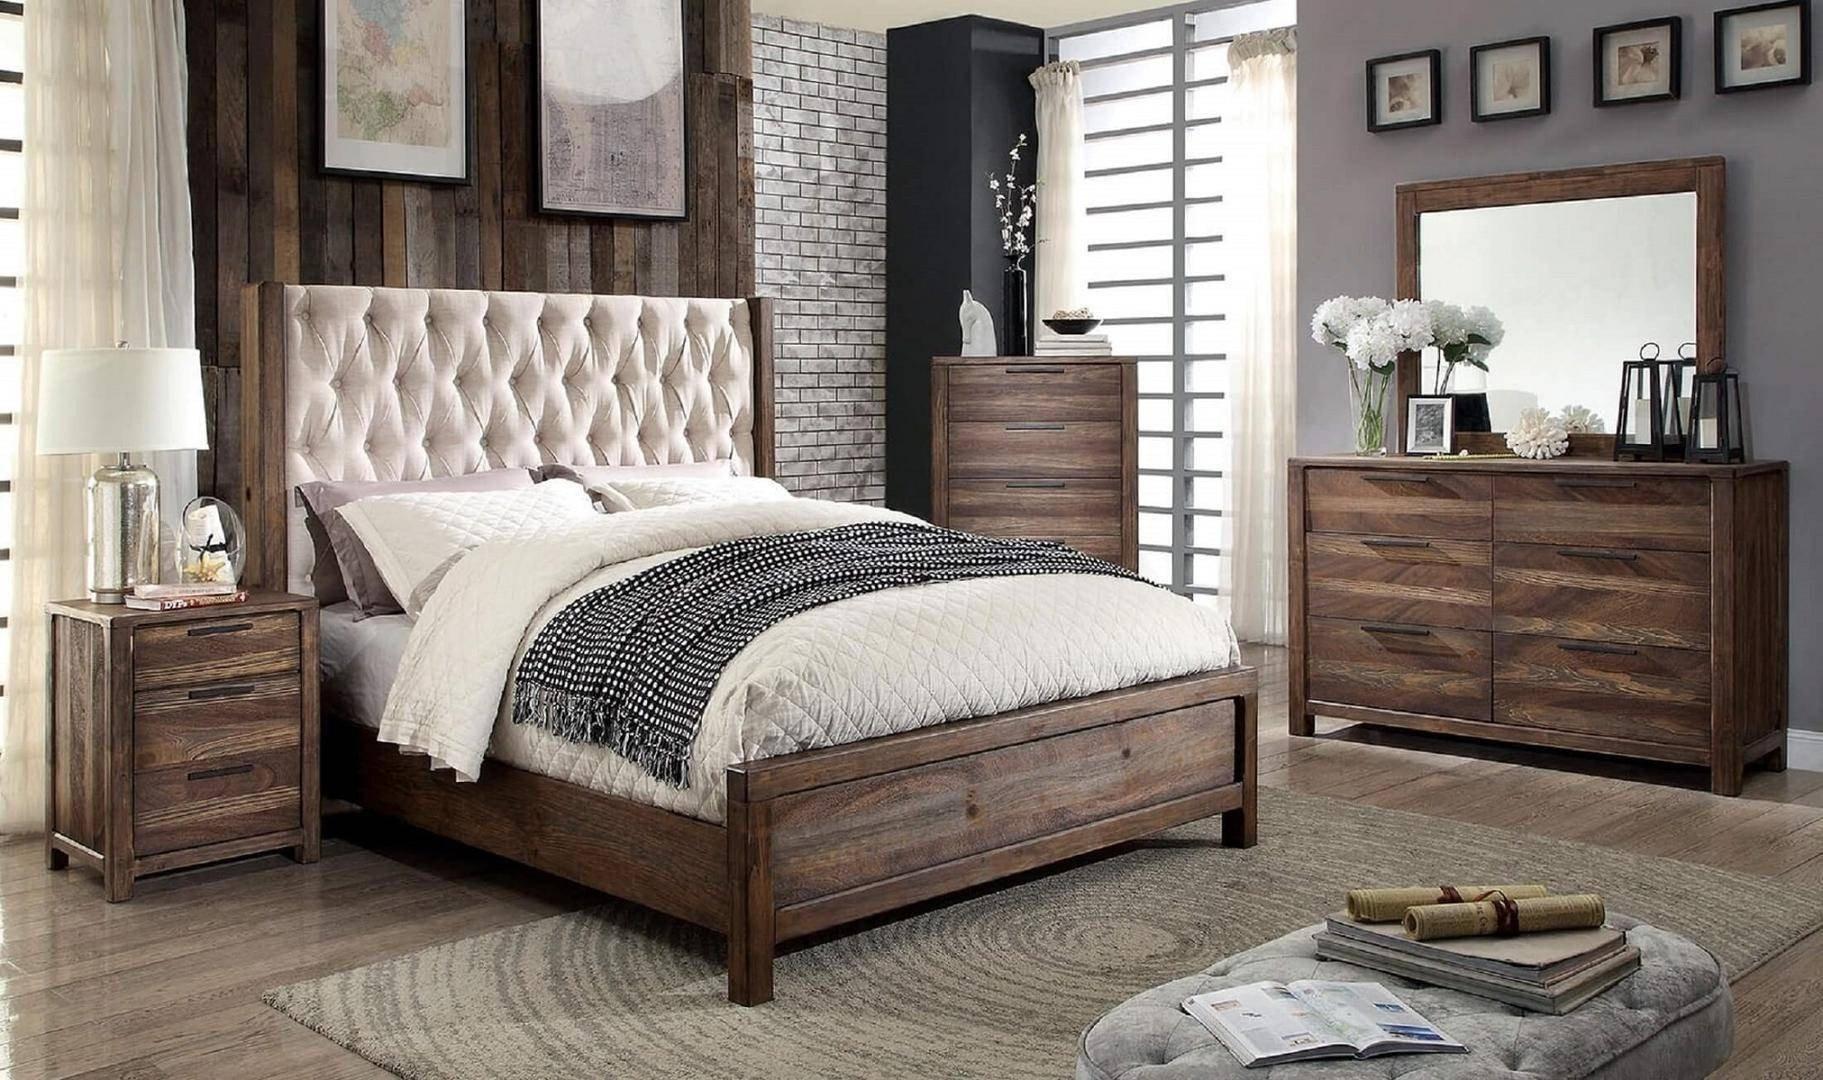 Rustic Queen Bedroom Set Inspirational Rustic Queen Bedroom Set 4 Pcs Brown Hutchinson Furniture Of